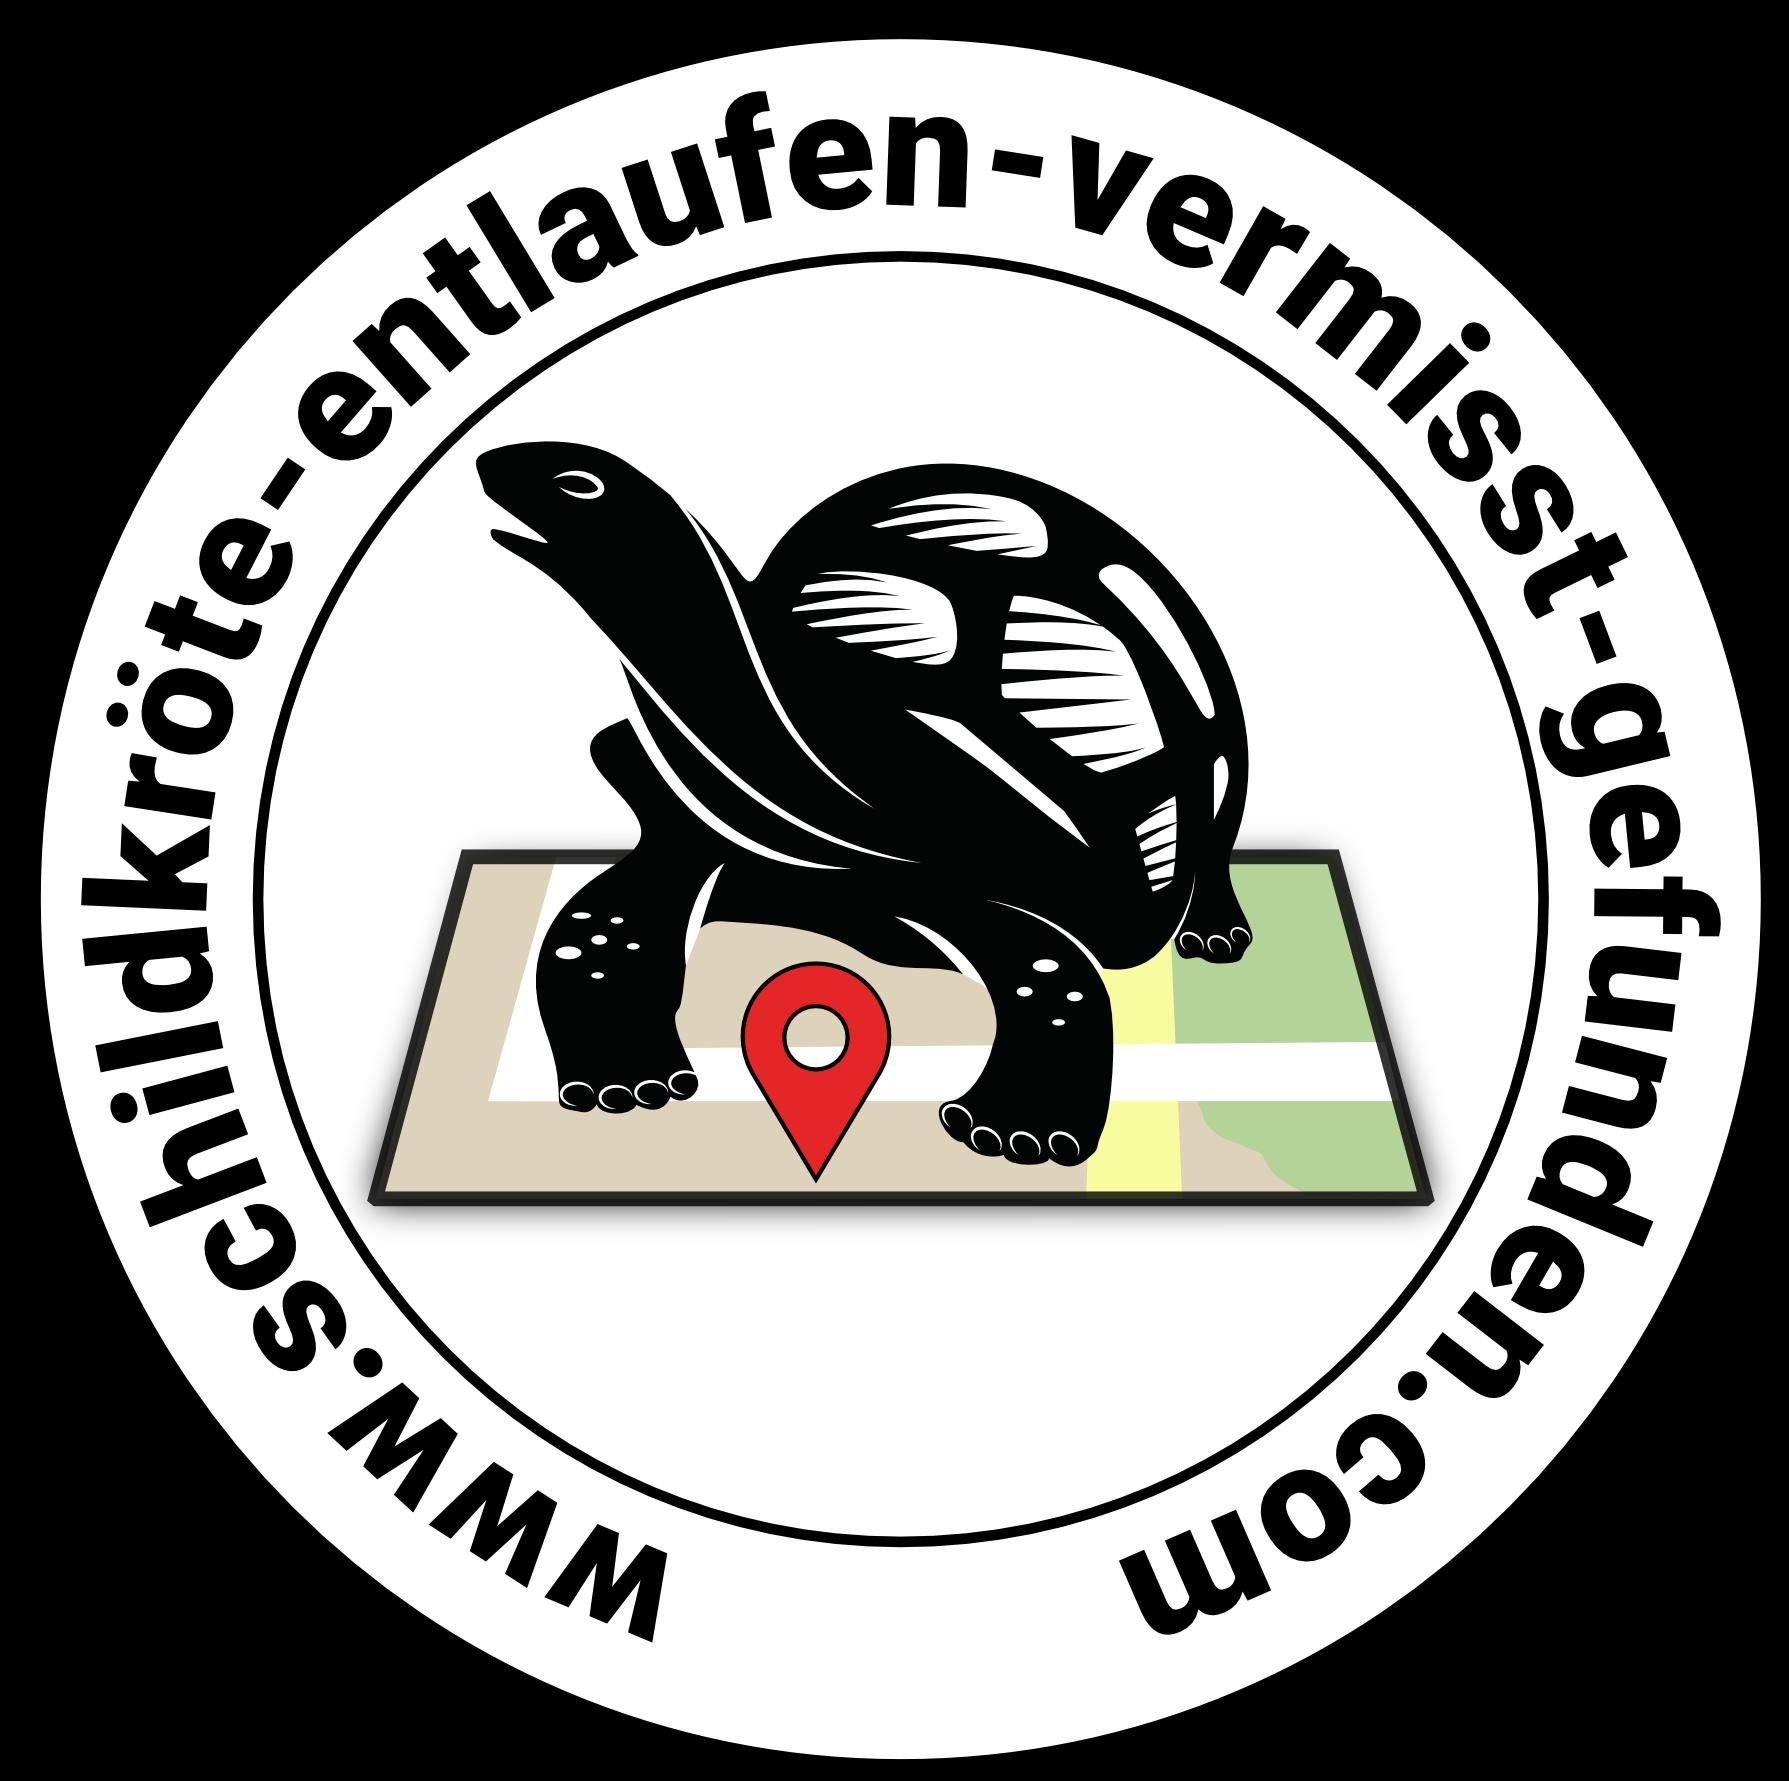 Logo von schildkröte-entlaufen-vermisst-gefunden.com